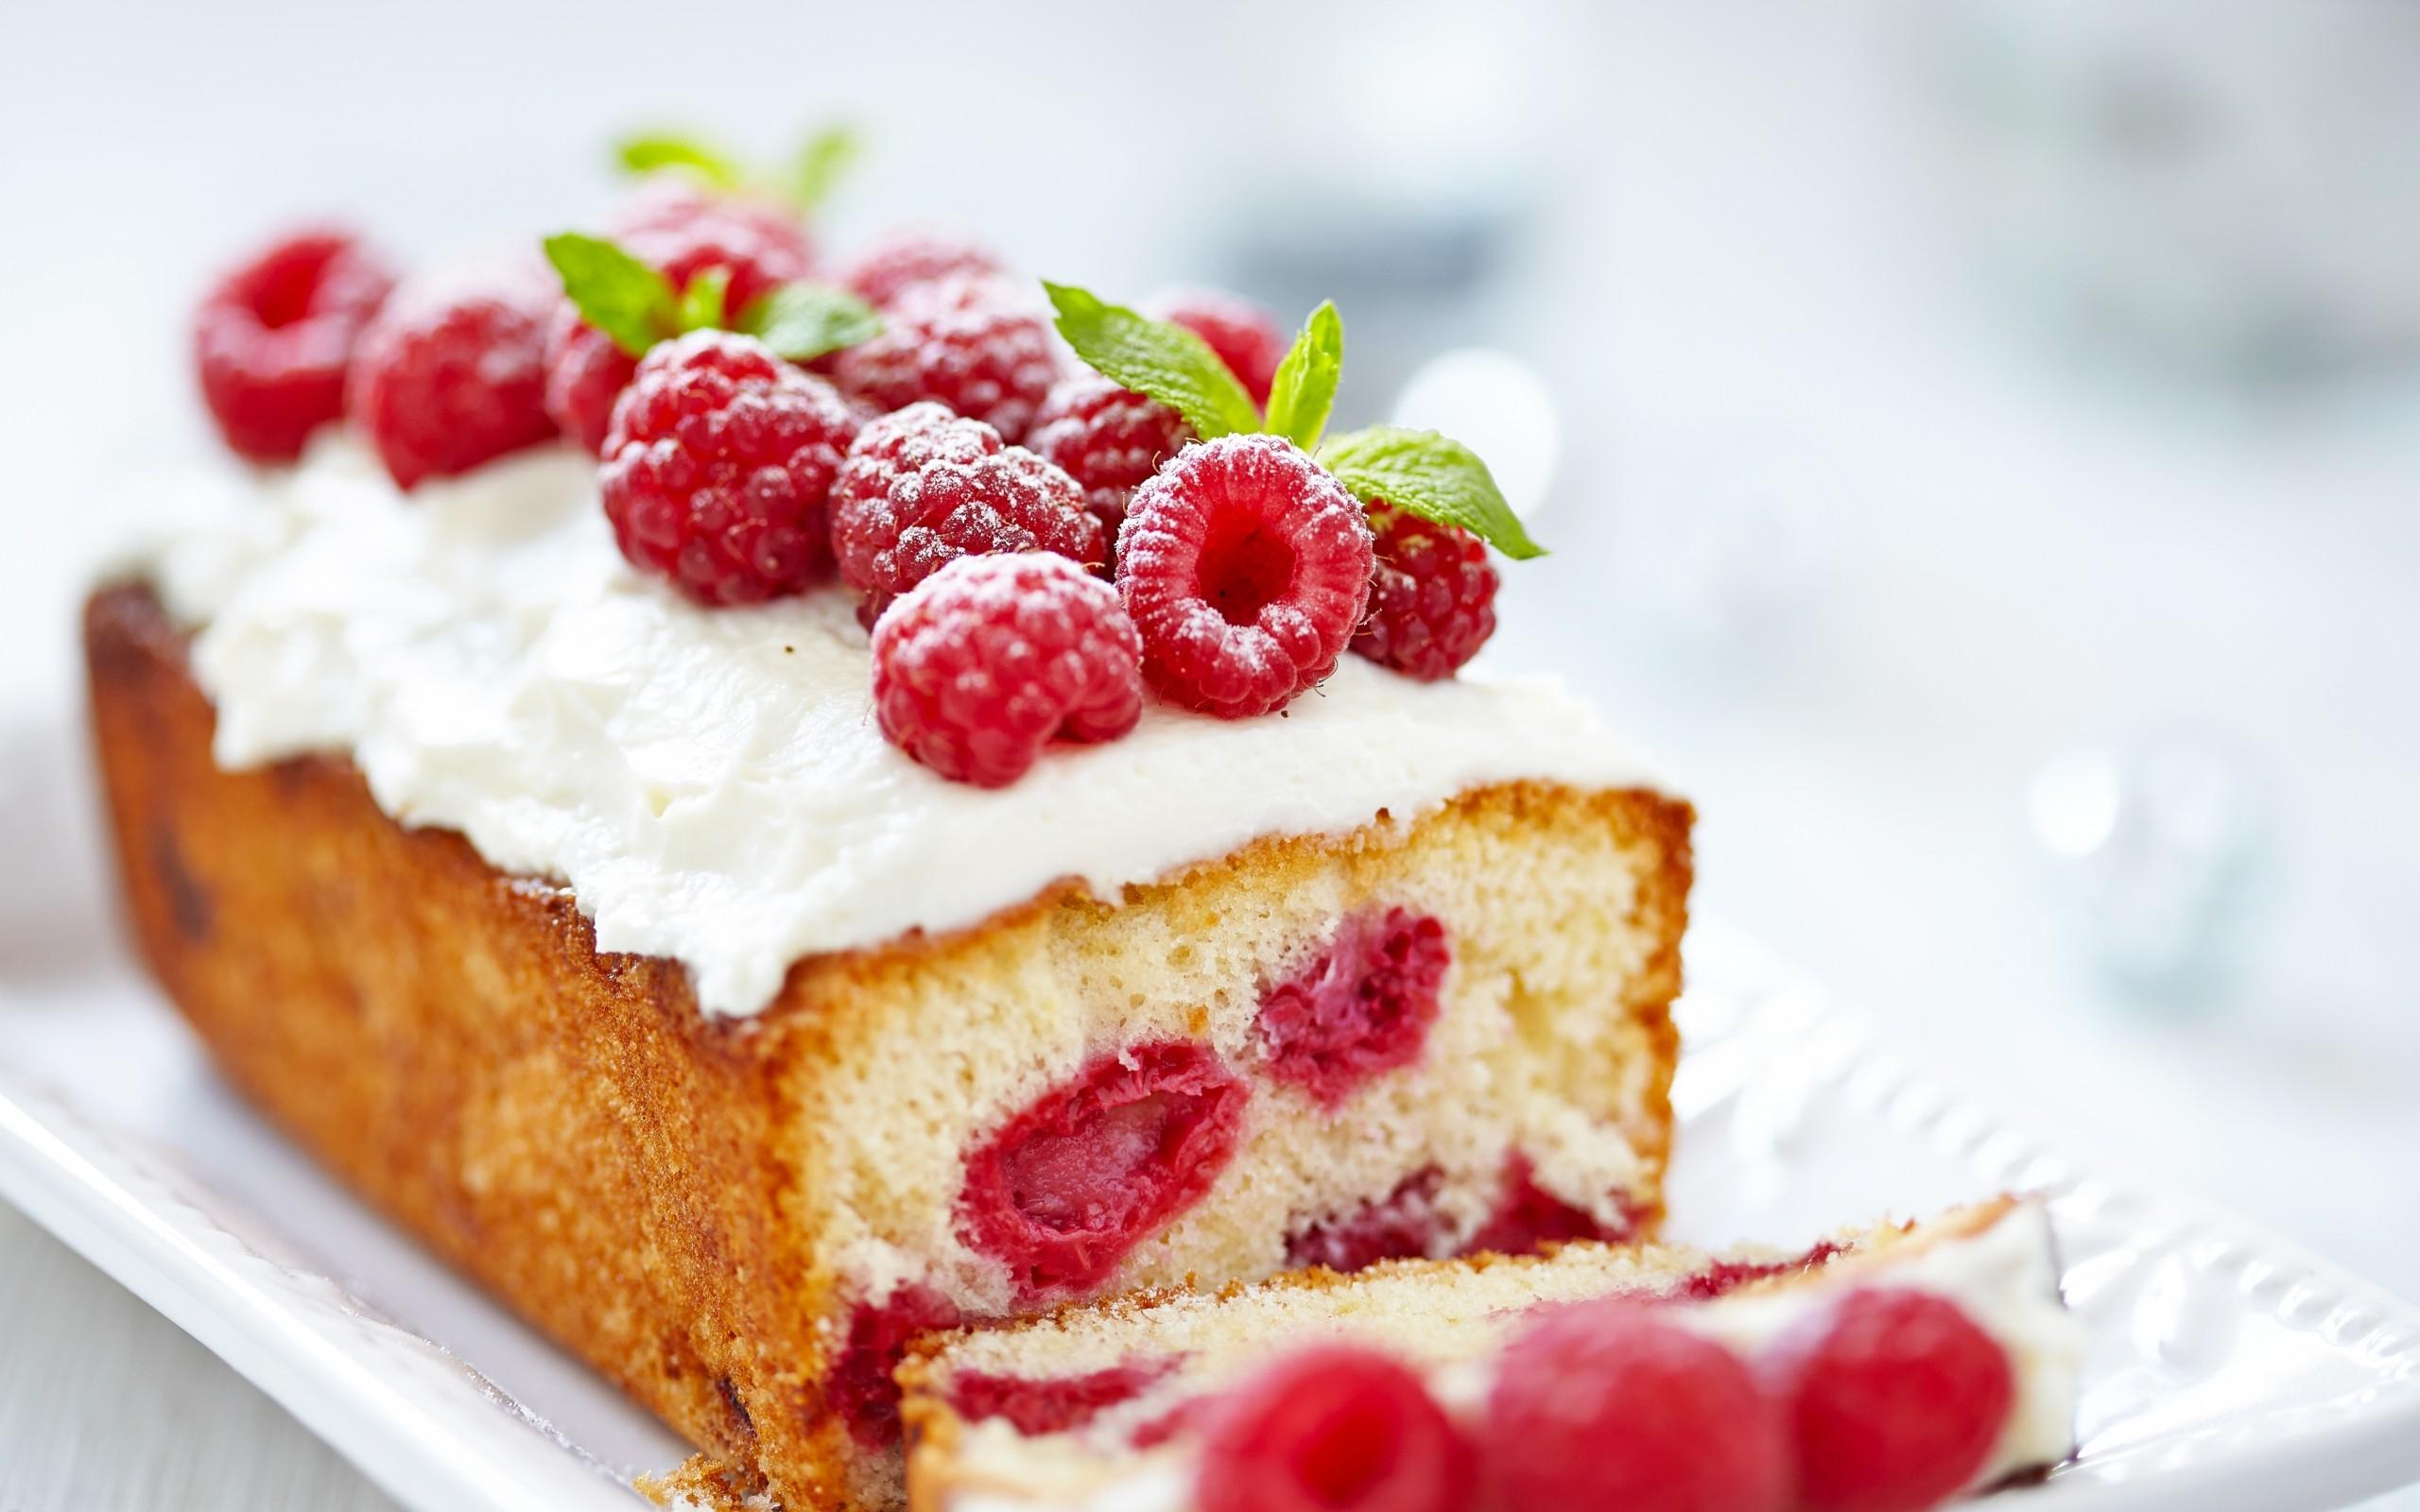 кекс пирожное десерт cupcake cake dessert скачать